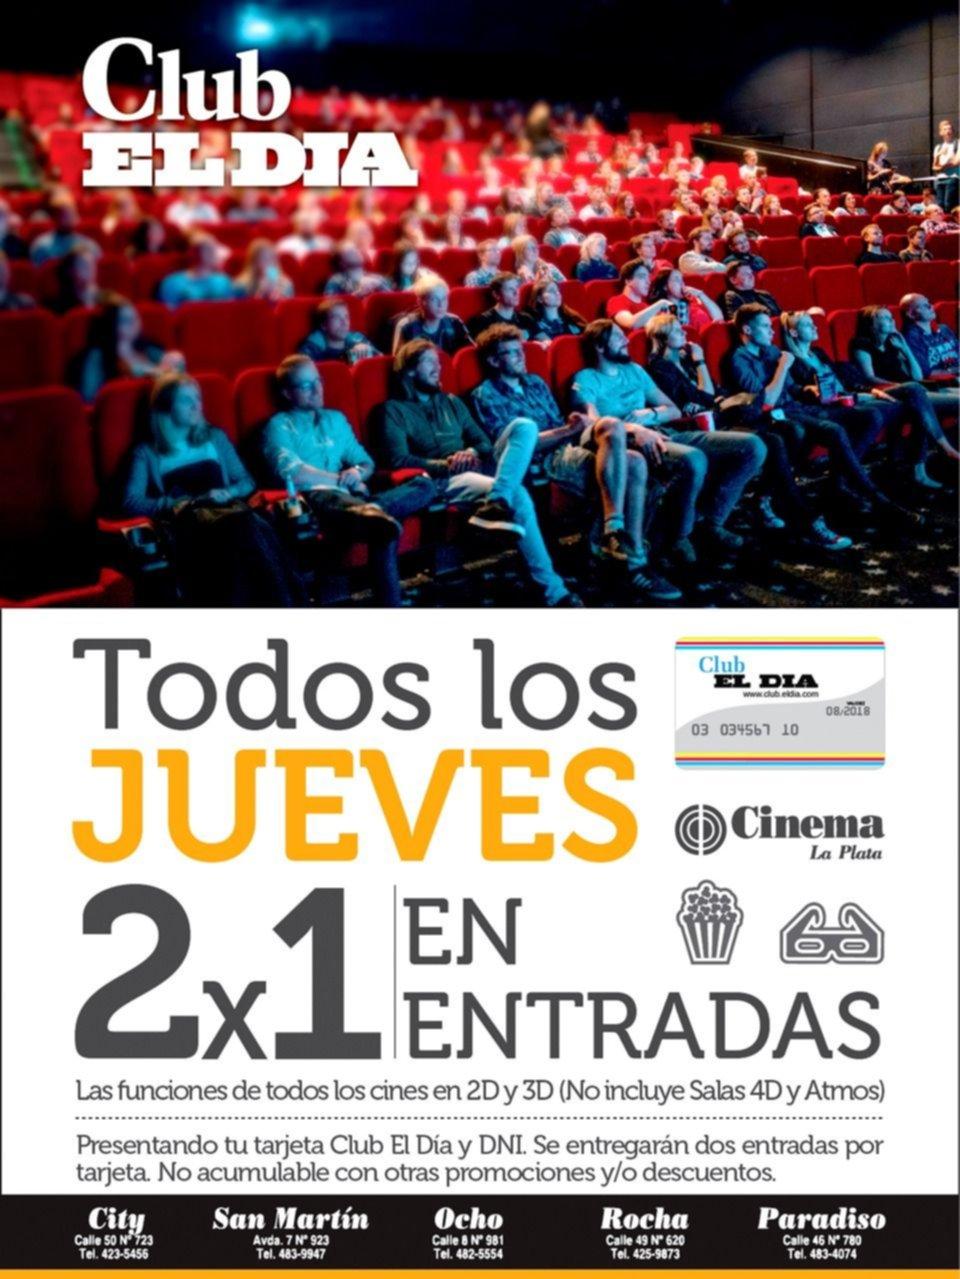 ¿Vamos al cine? Todos los jueves, dos por uno en entradas con Club El Día